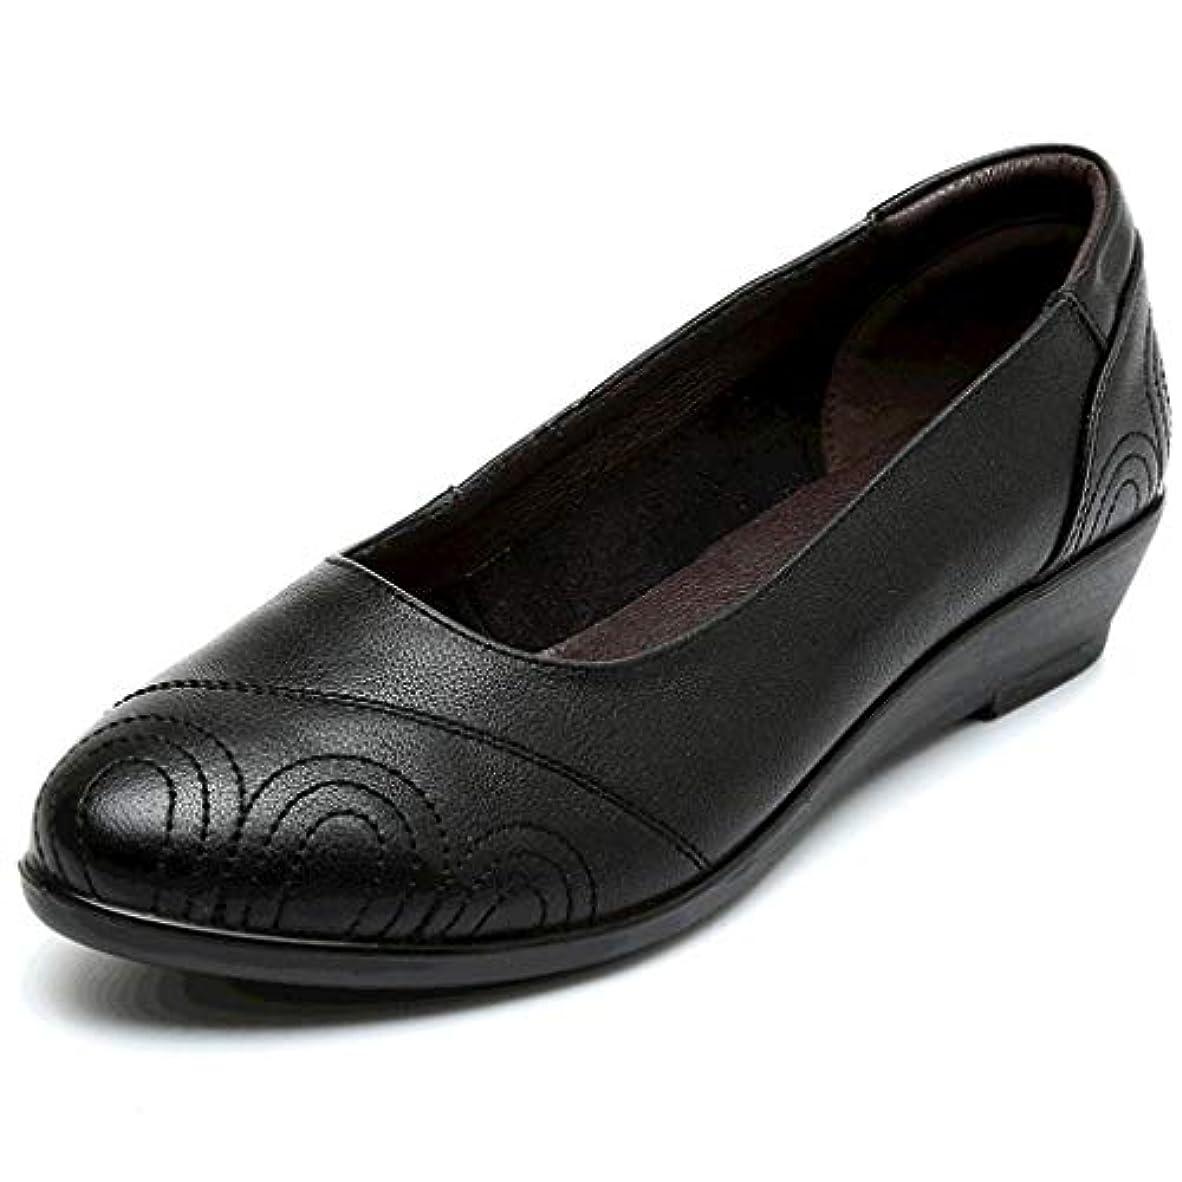 鋸歯状なくなる誇り[実りの秋] シニアシューズ レディース 26.0CMまで お年寄りシューズ 疲れにくい 滑り止め 婦人靴 モカシン 介護用 軽量 安定感 通気性 高齢者 母の日 敬老の日 通年